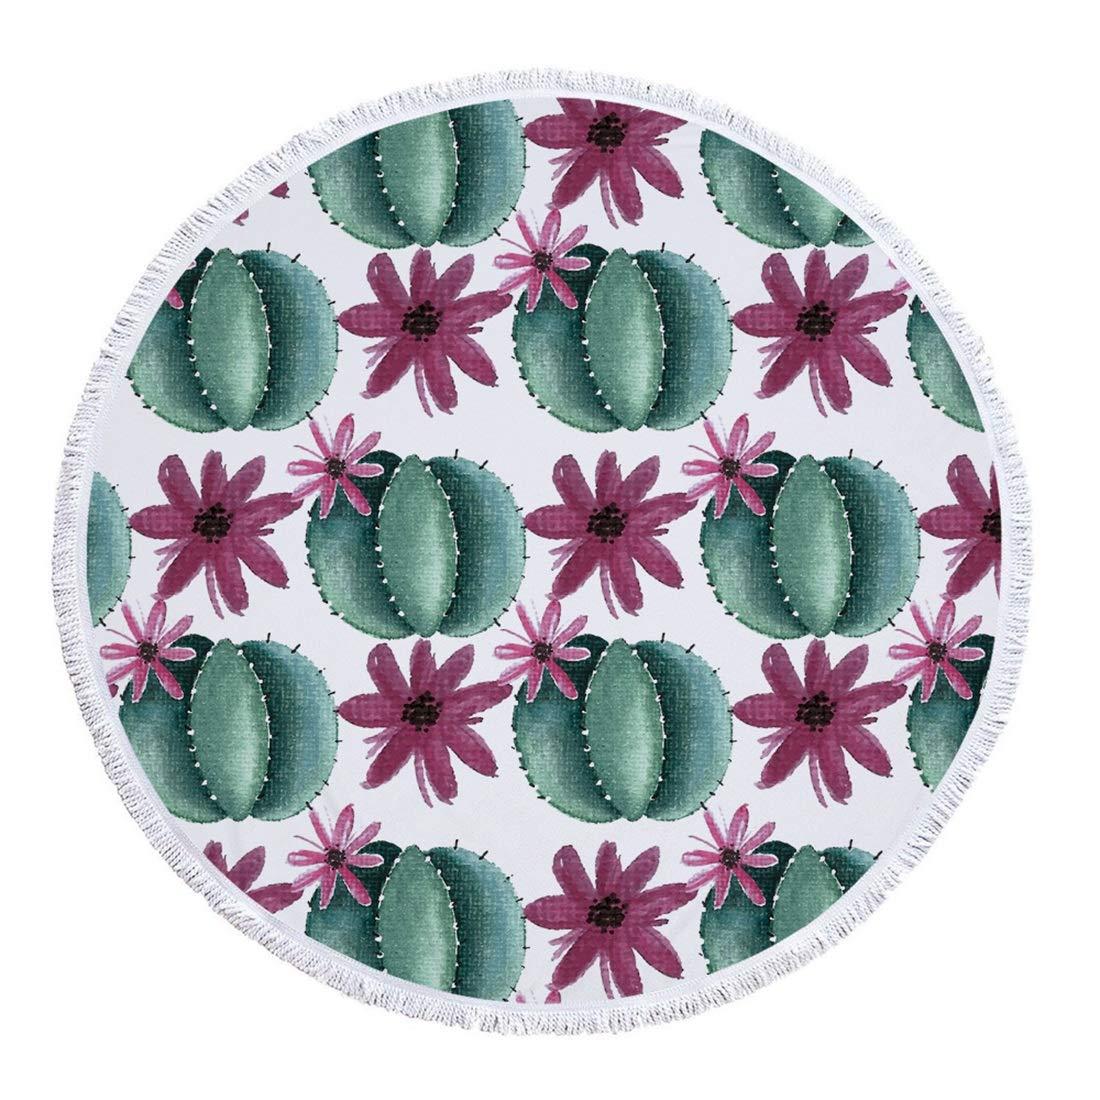 Mifusanahorn - Toalla de Playa Redonda de Microfibra, diseño de Flores, Color Verde, Microfibra, A003, 540: Amazon.es: Deportes y aire libre